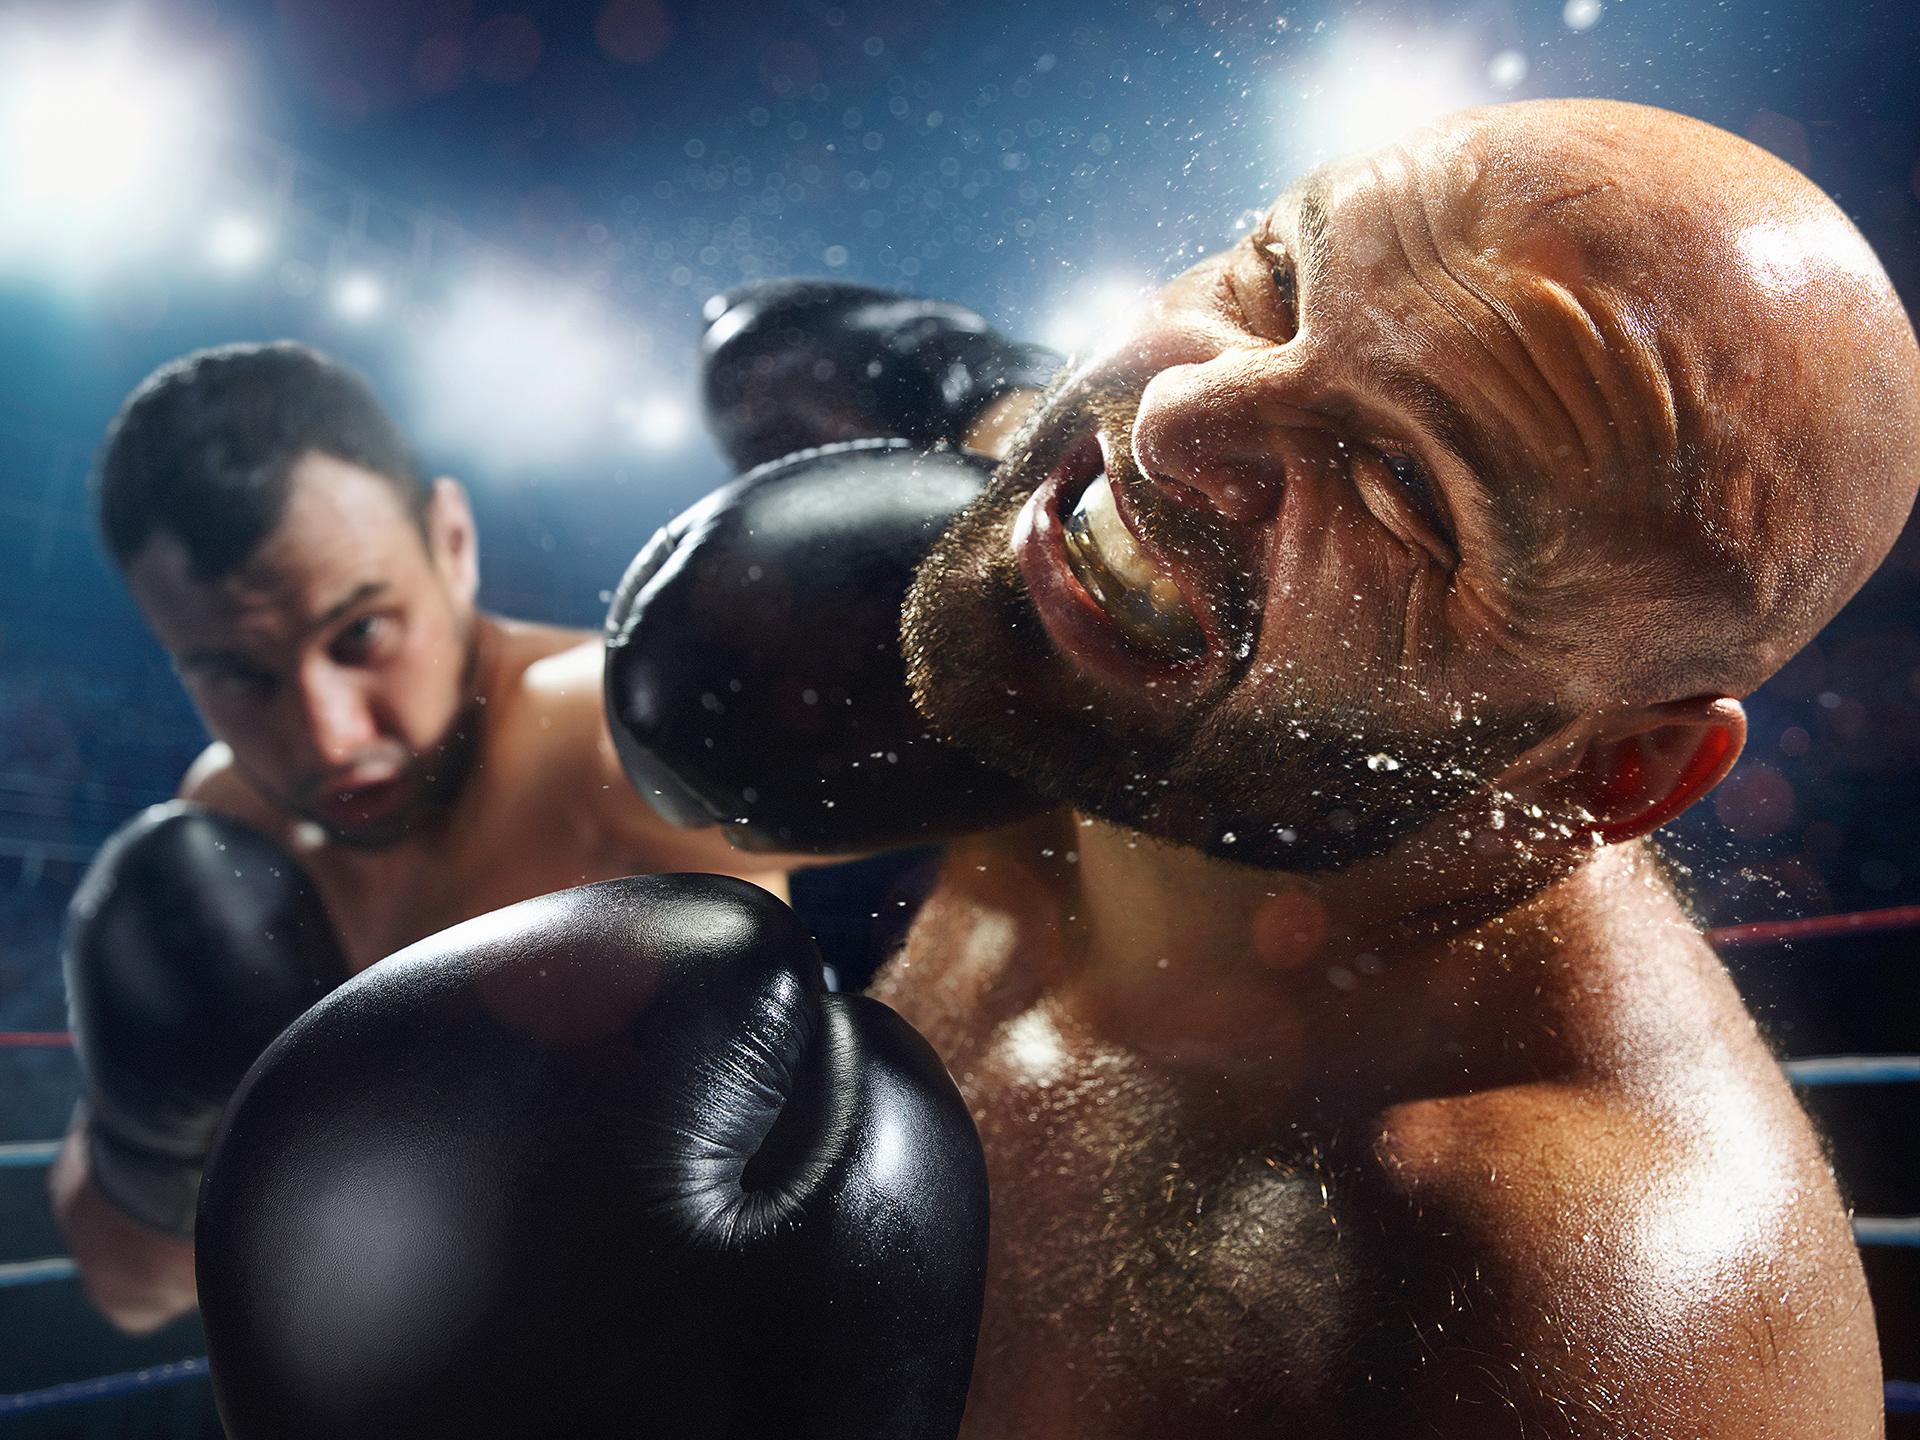 Живые картинки про бокс